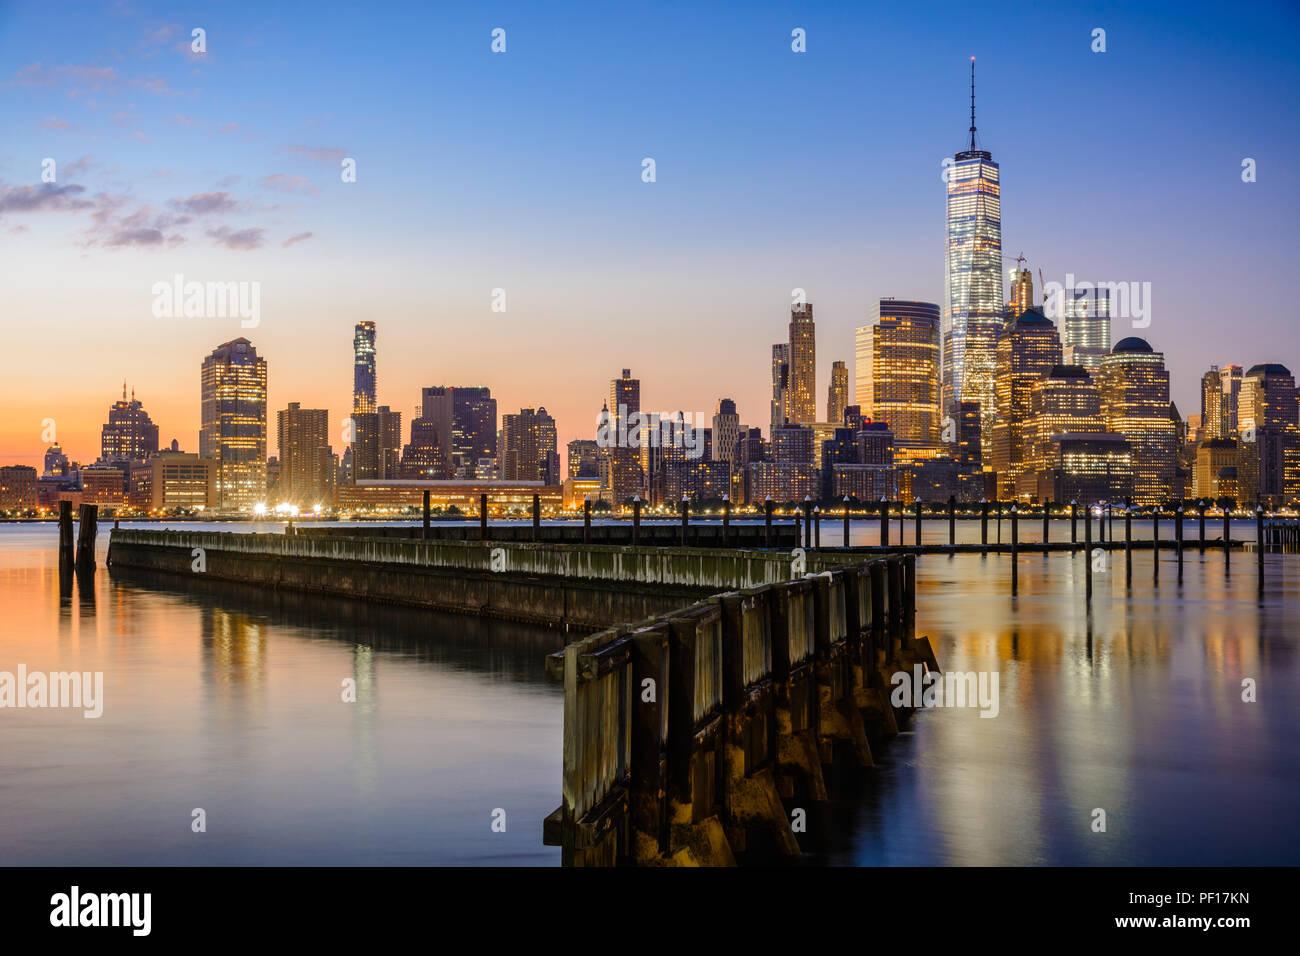 El centro de la ciudad de Nueva York y Manhattan, visto desde el lado de la ciudad de Jersey del Río Hudson. Imagen De Stock